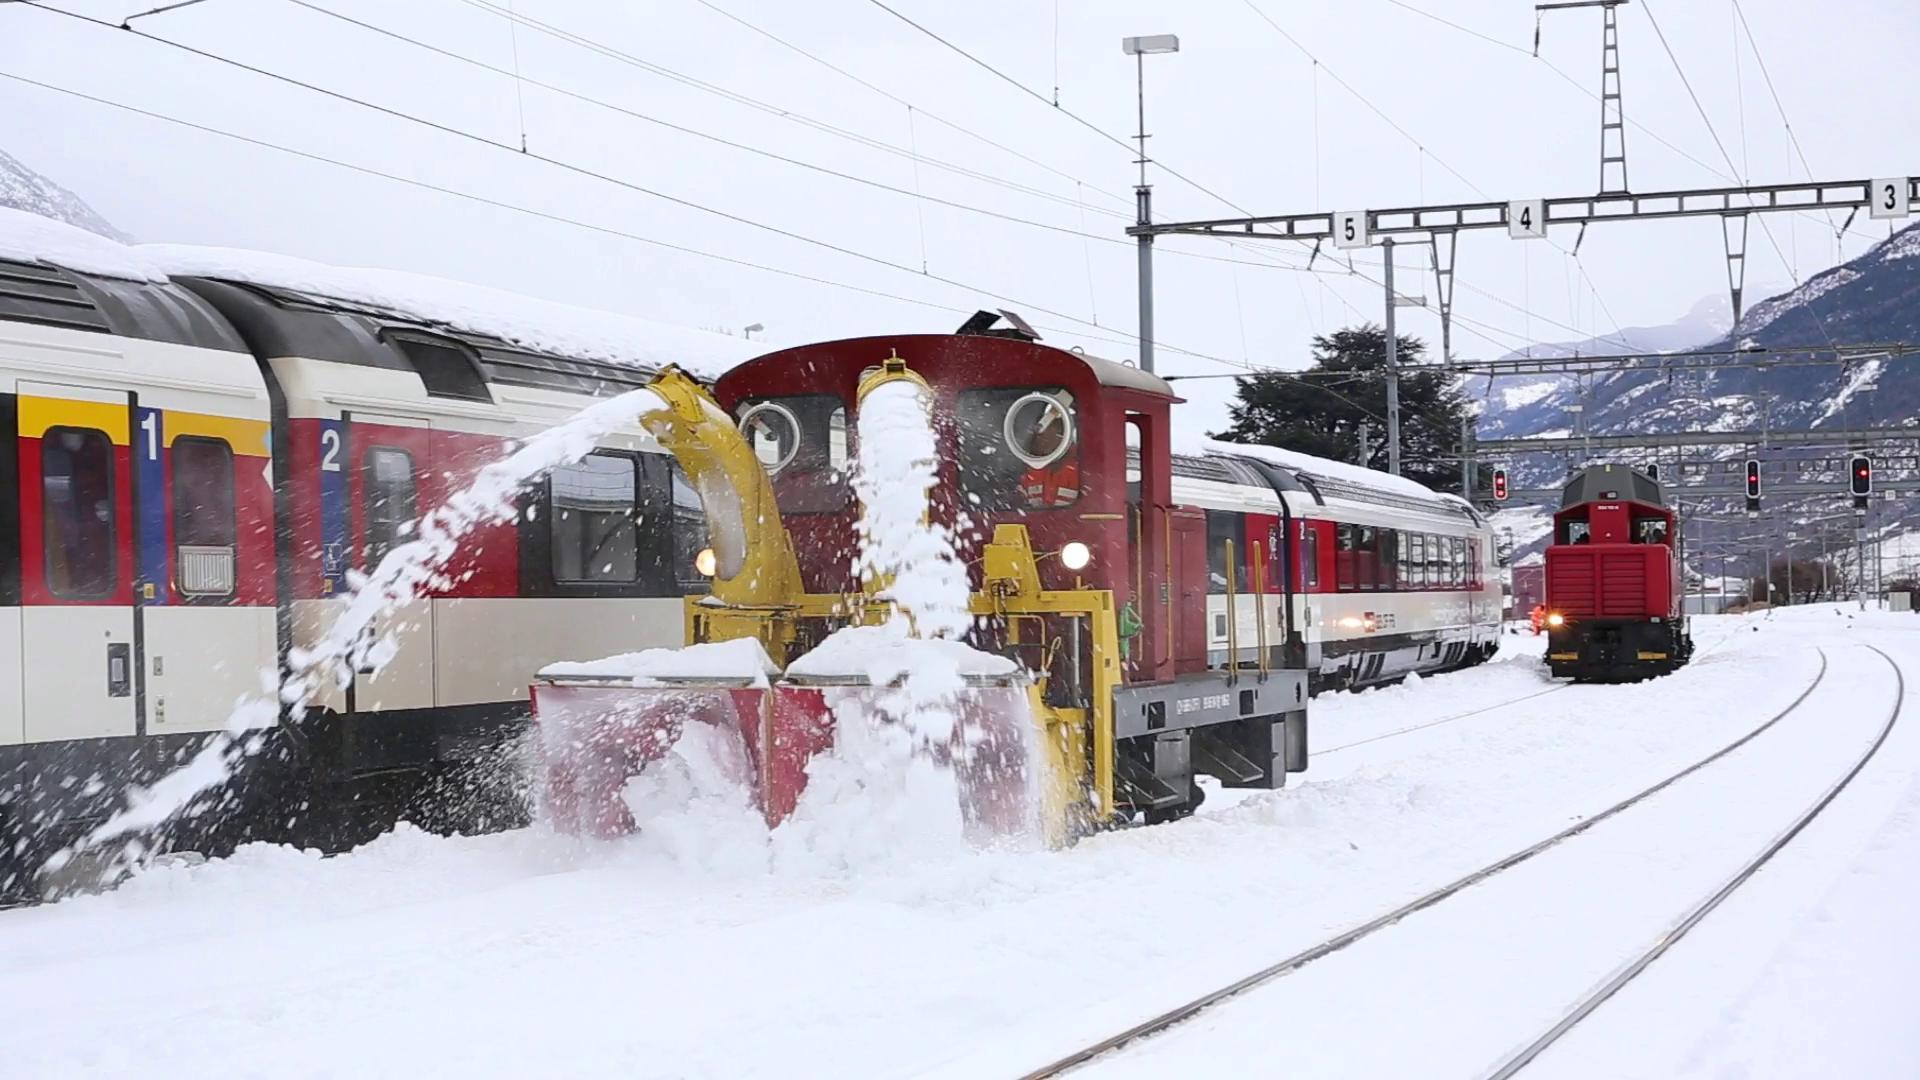 La chasse-neige XTm 106 en action à Martigny